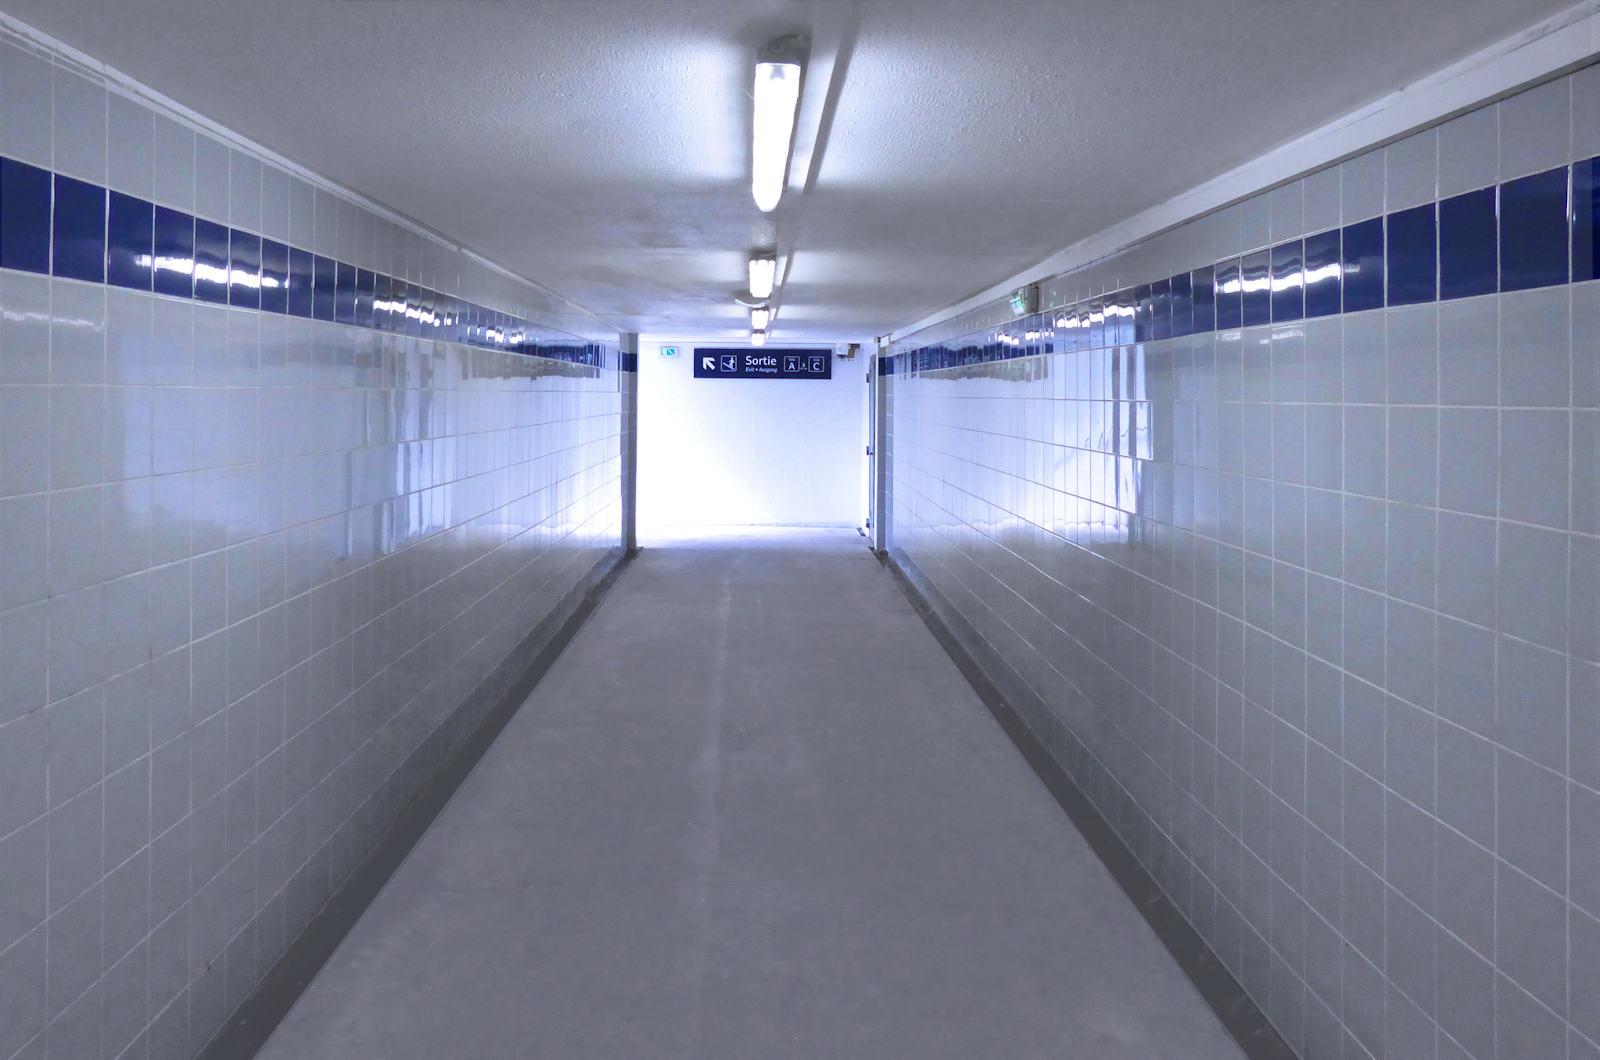 Gare de Tourcoing - Passage sous-voies